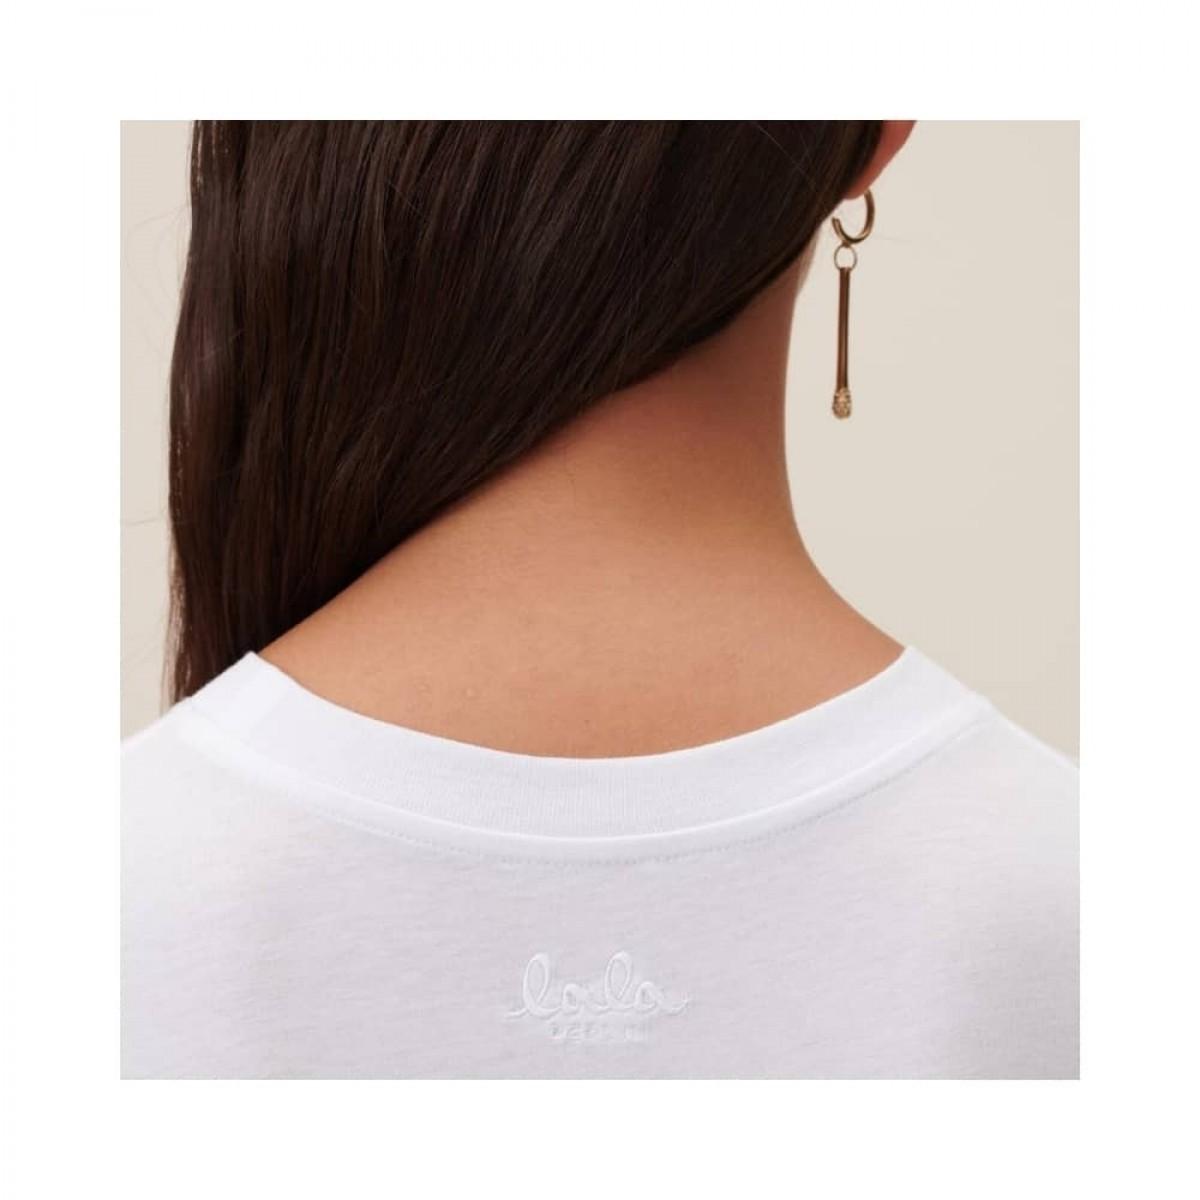 cara oasis t-shirt - white - logo